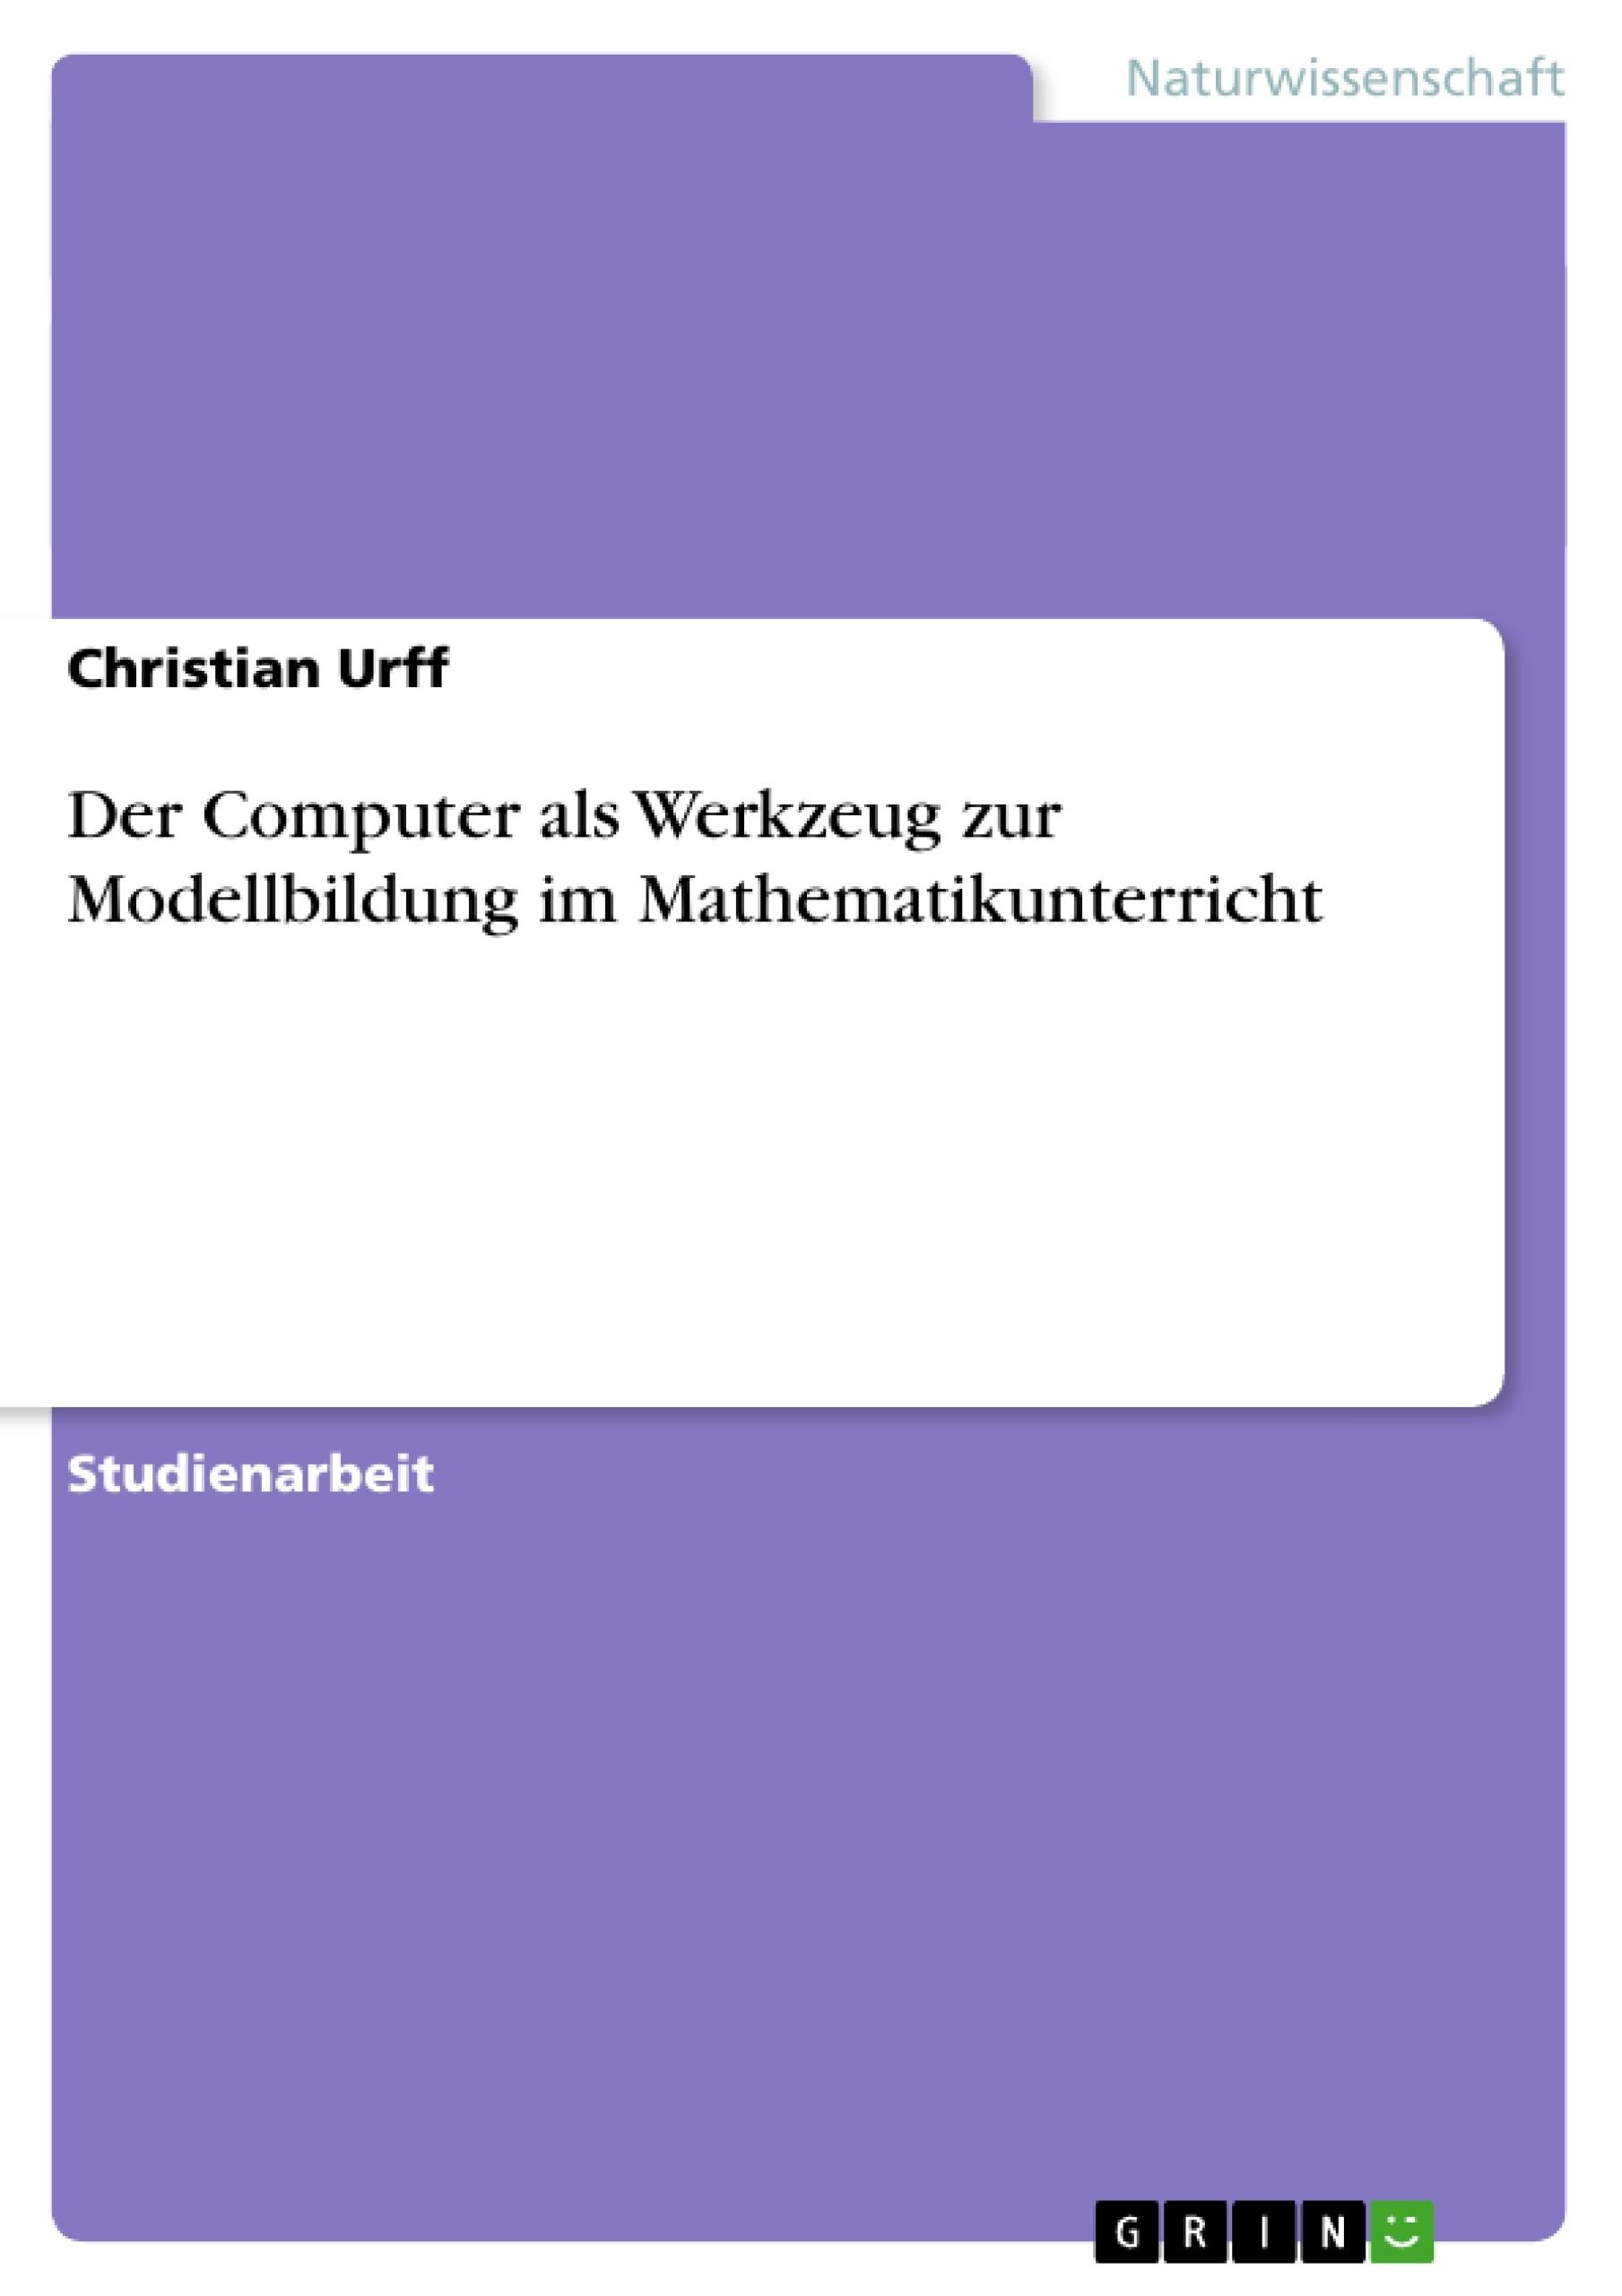 Titel: Der Computer als Werkzeug zur Modellbildung im Mathematikunterricht